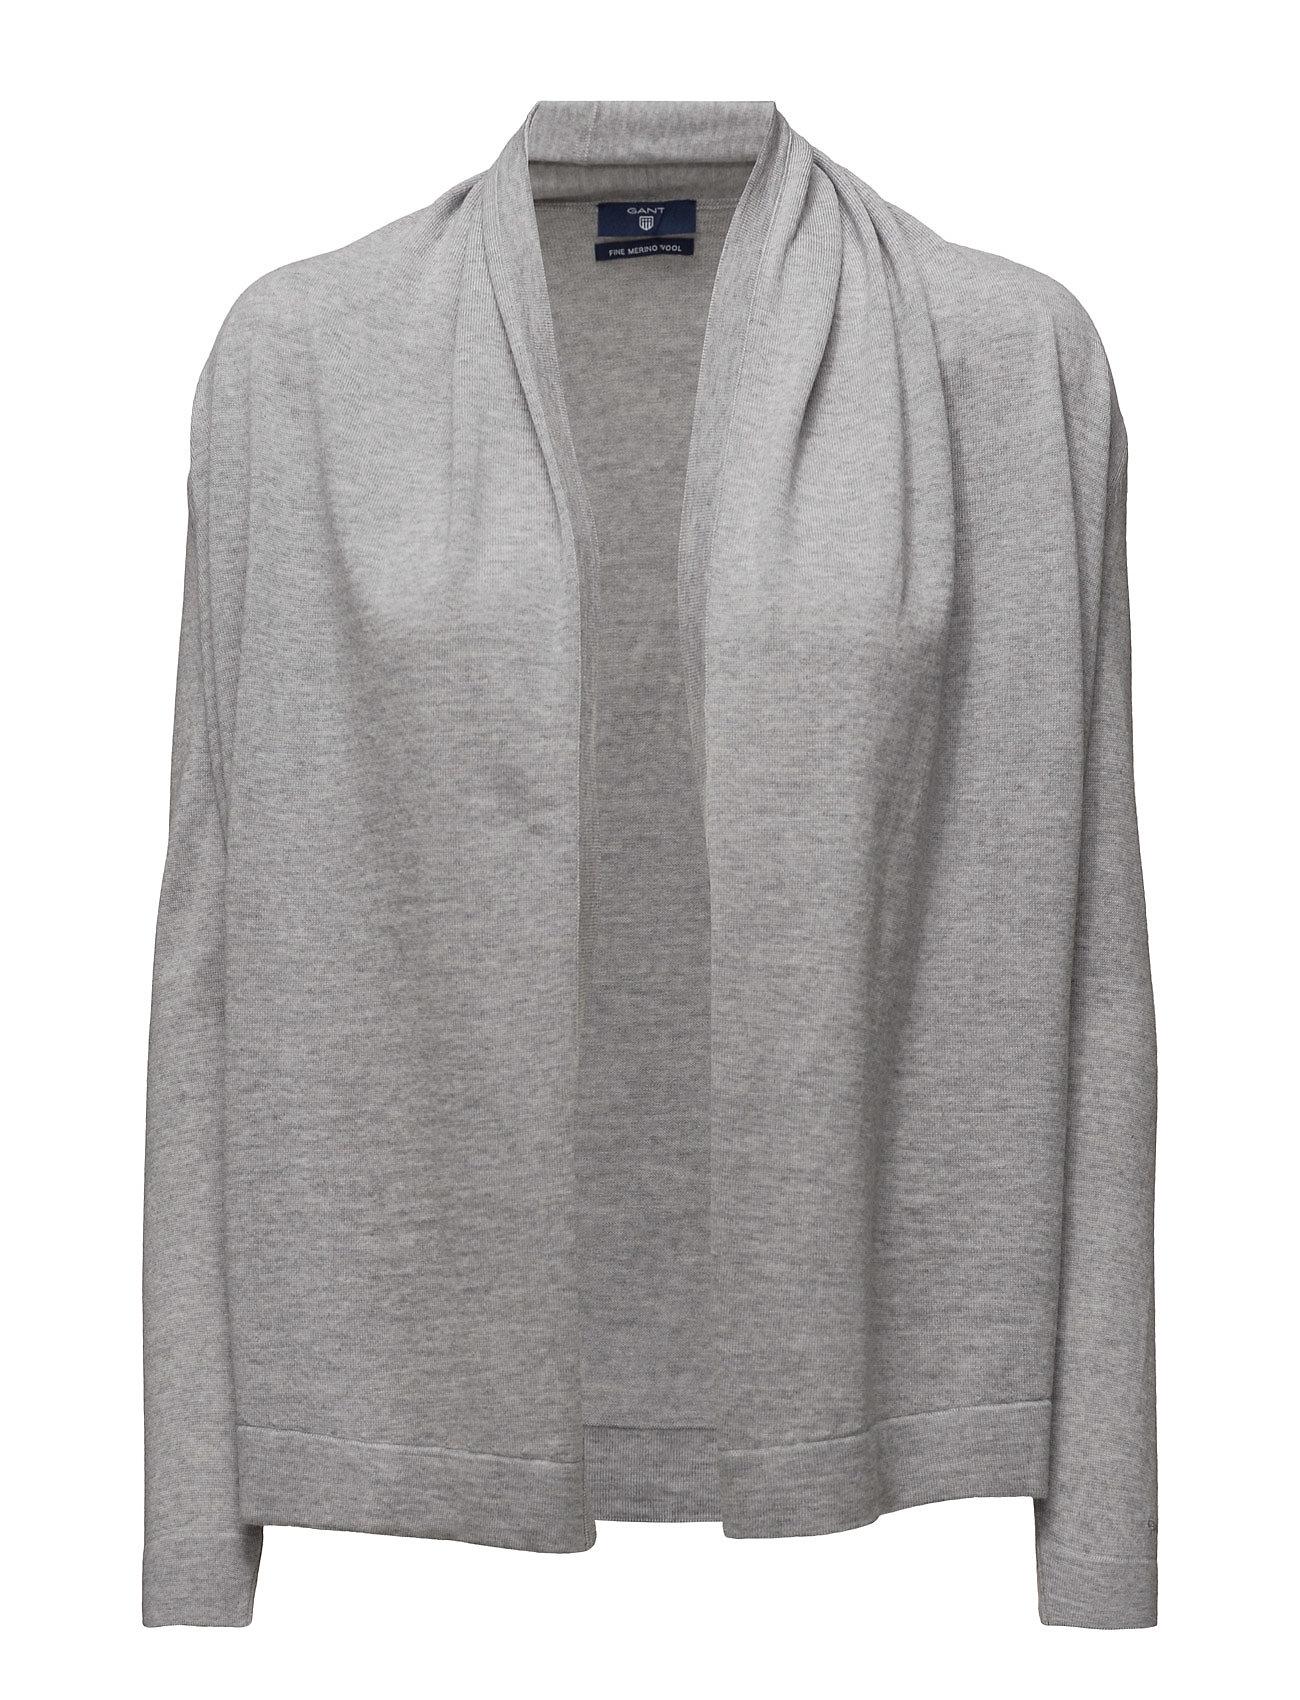 Fine Merino Wool Draped Cardigan GANT Cardigans til Damer i Light Grey Melange